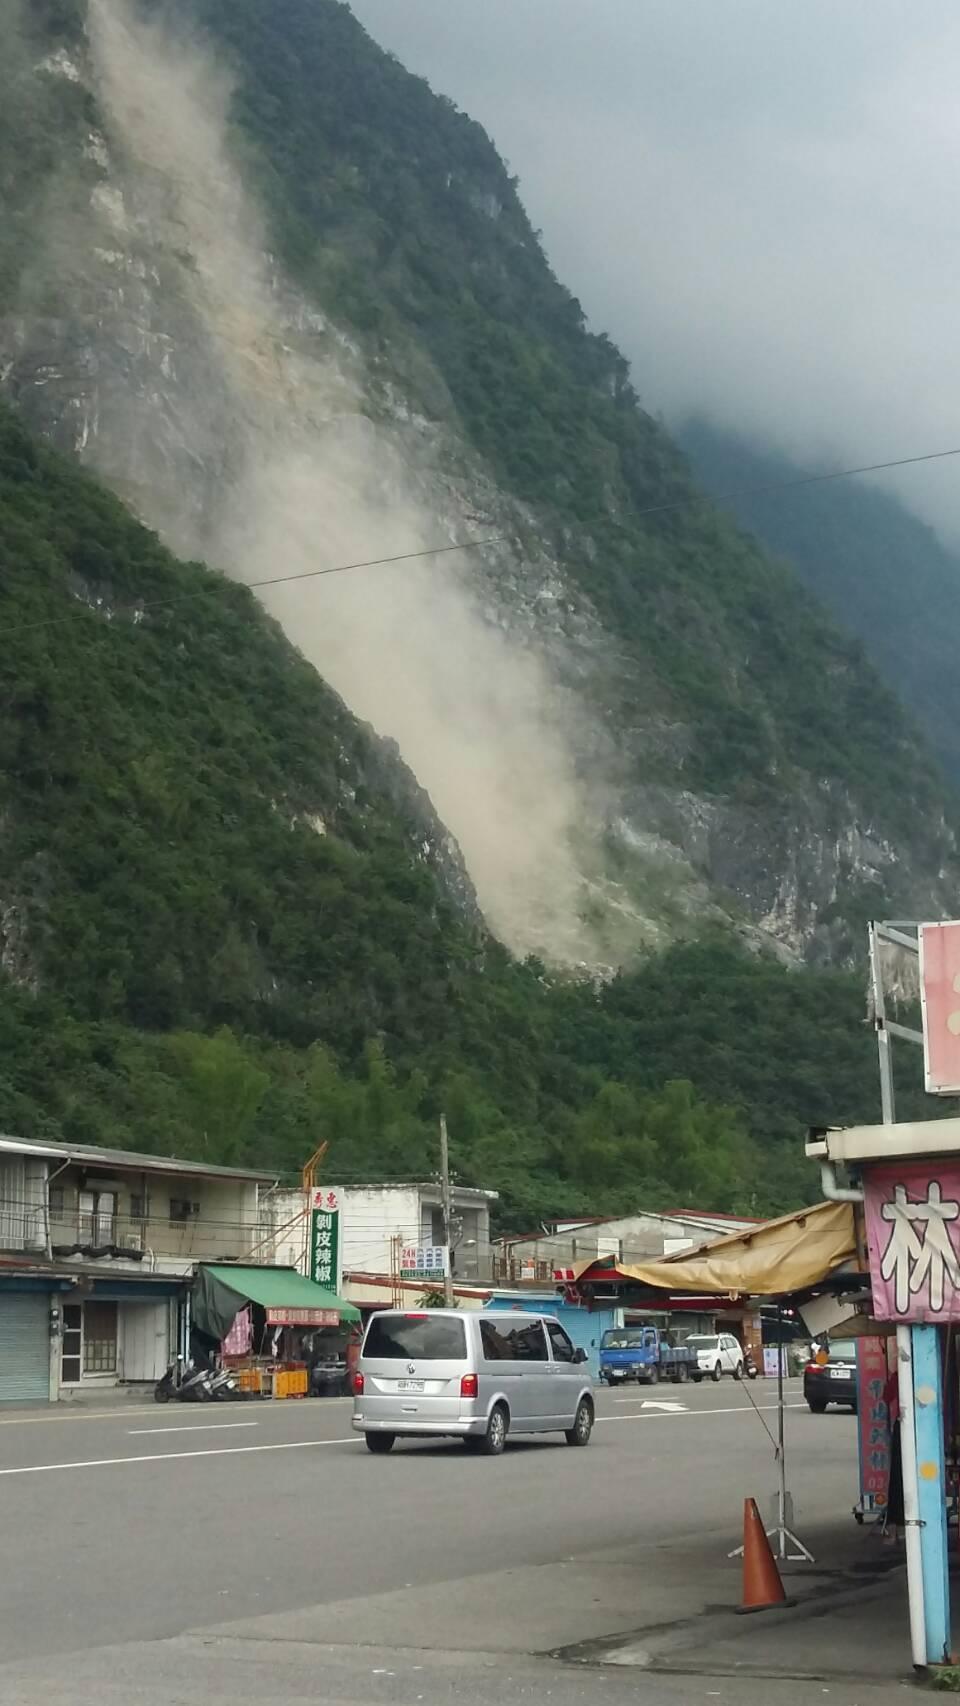 有網友貼出花蓮崇德山區地震時山崩影片。圖/翻攝臉書「台東臉書災害通報」粉絲頁